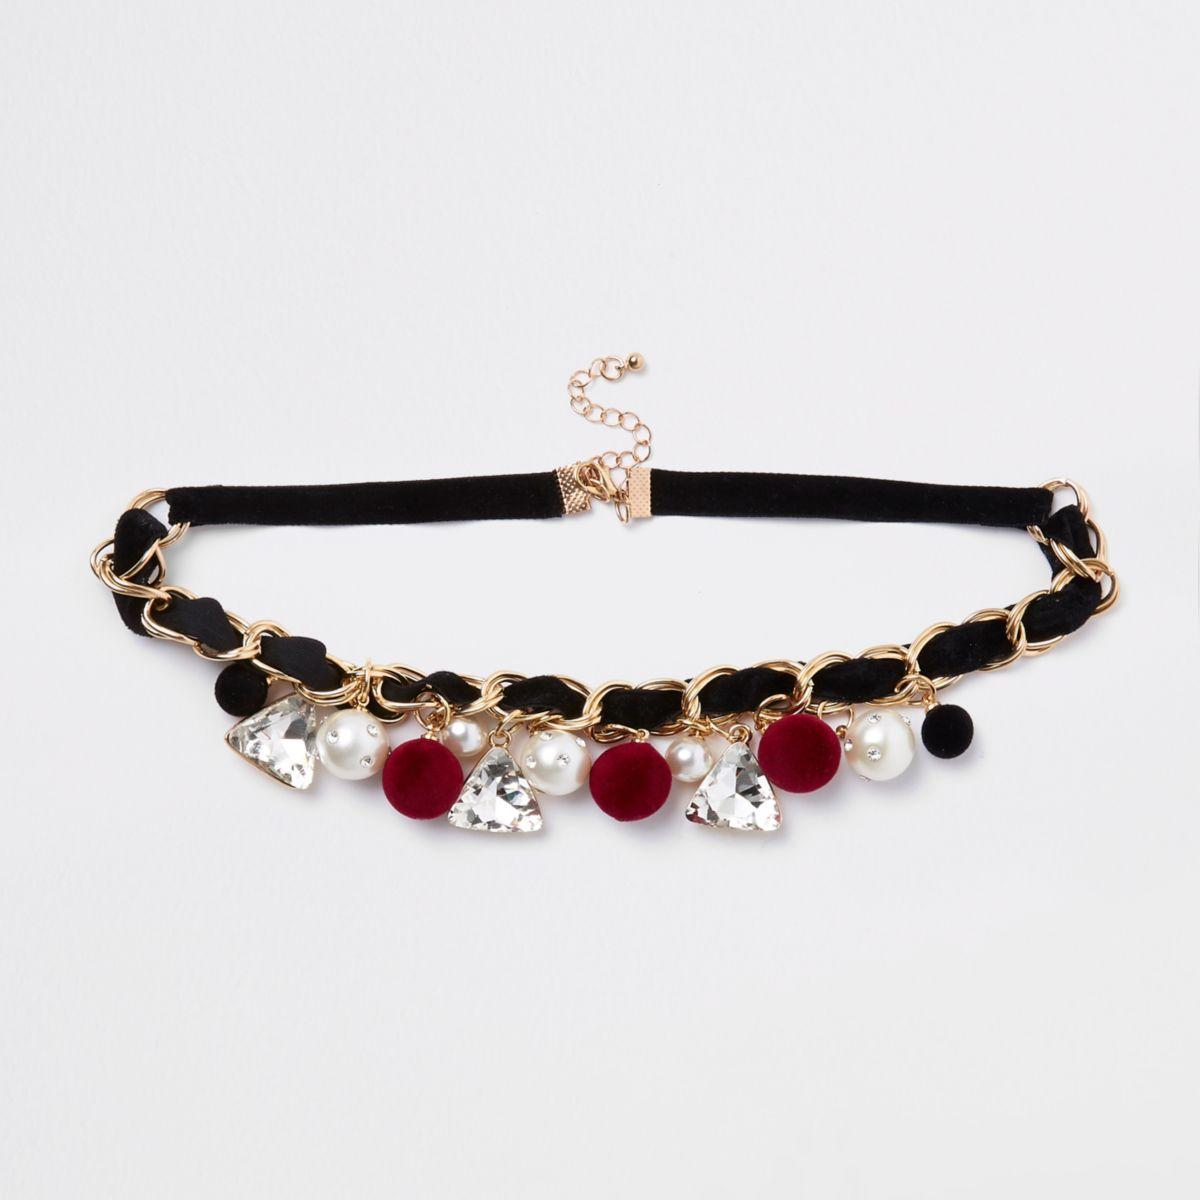 Black gold tone jewel and pom pom necklace